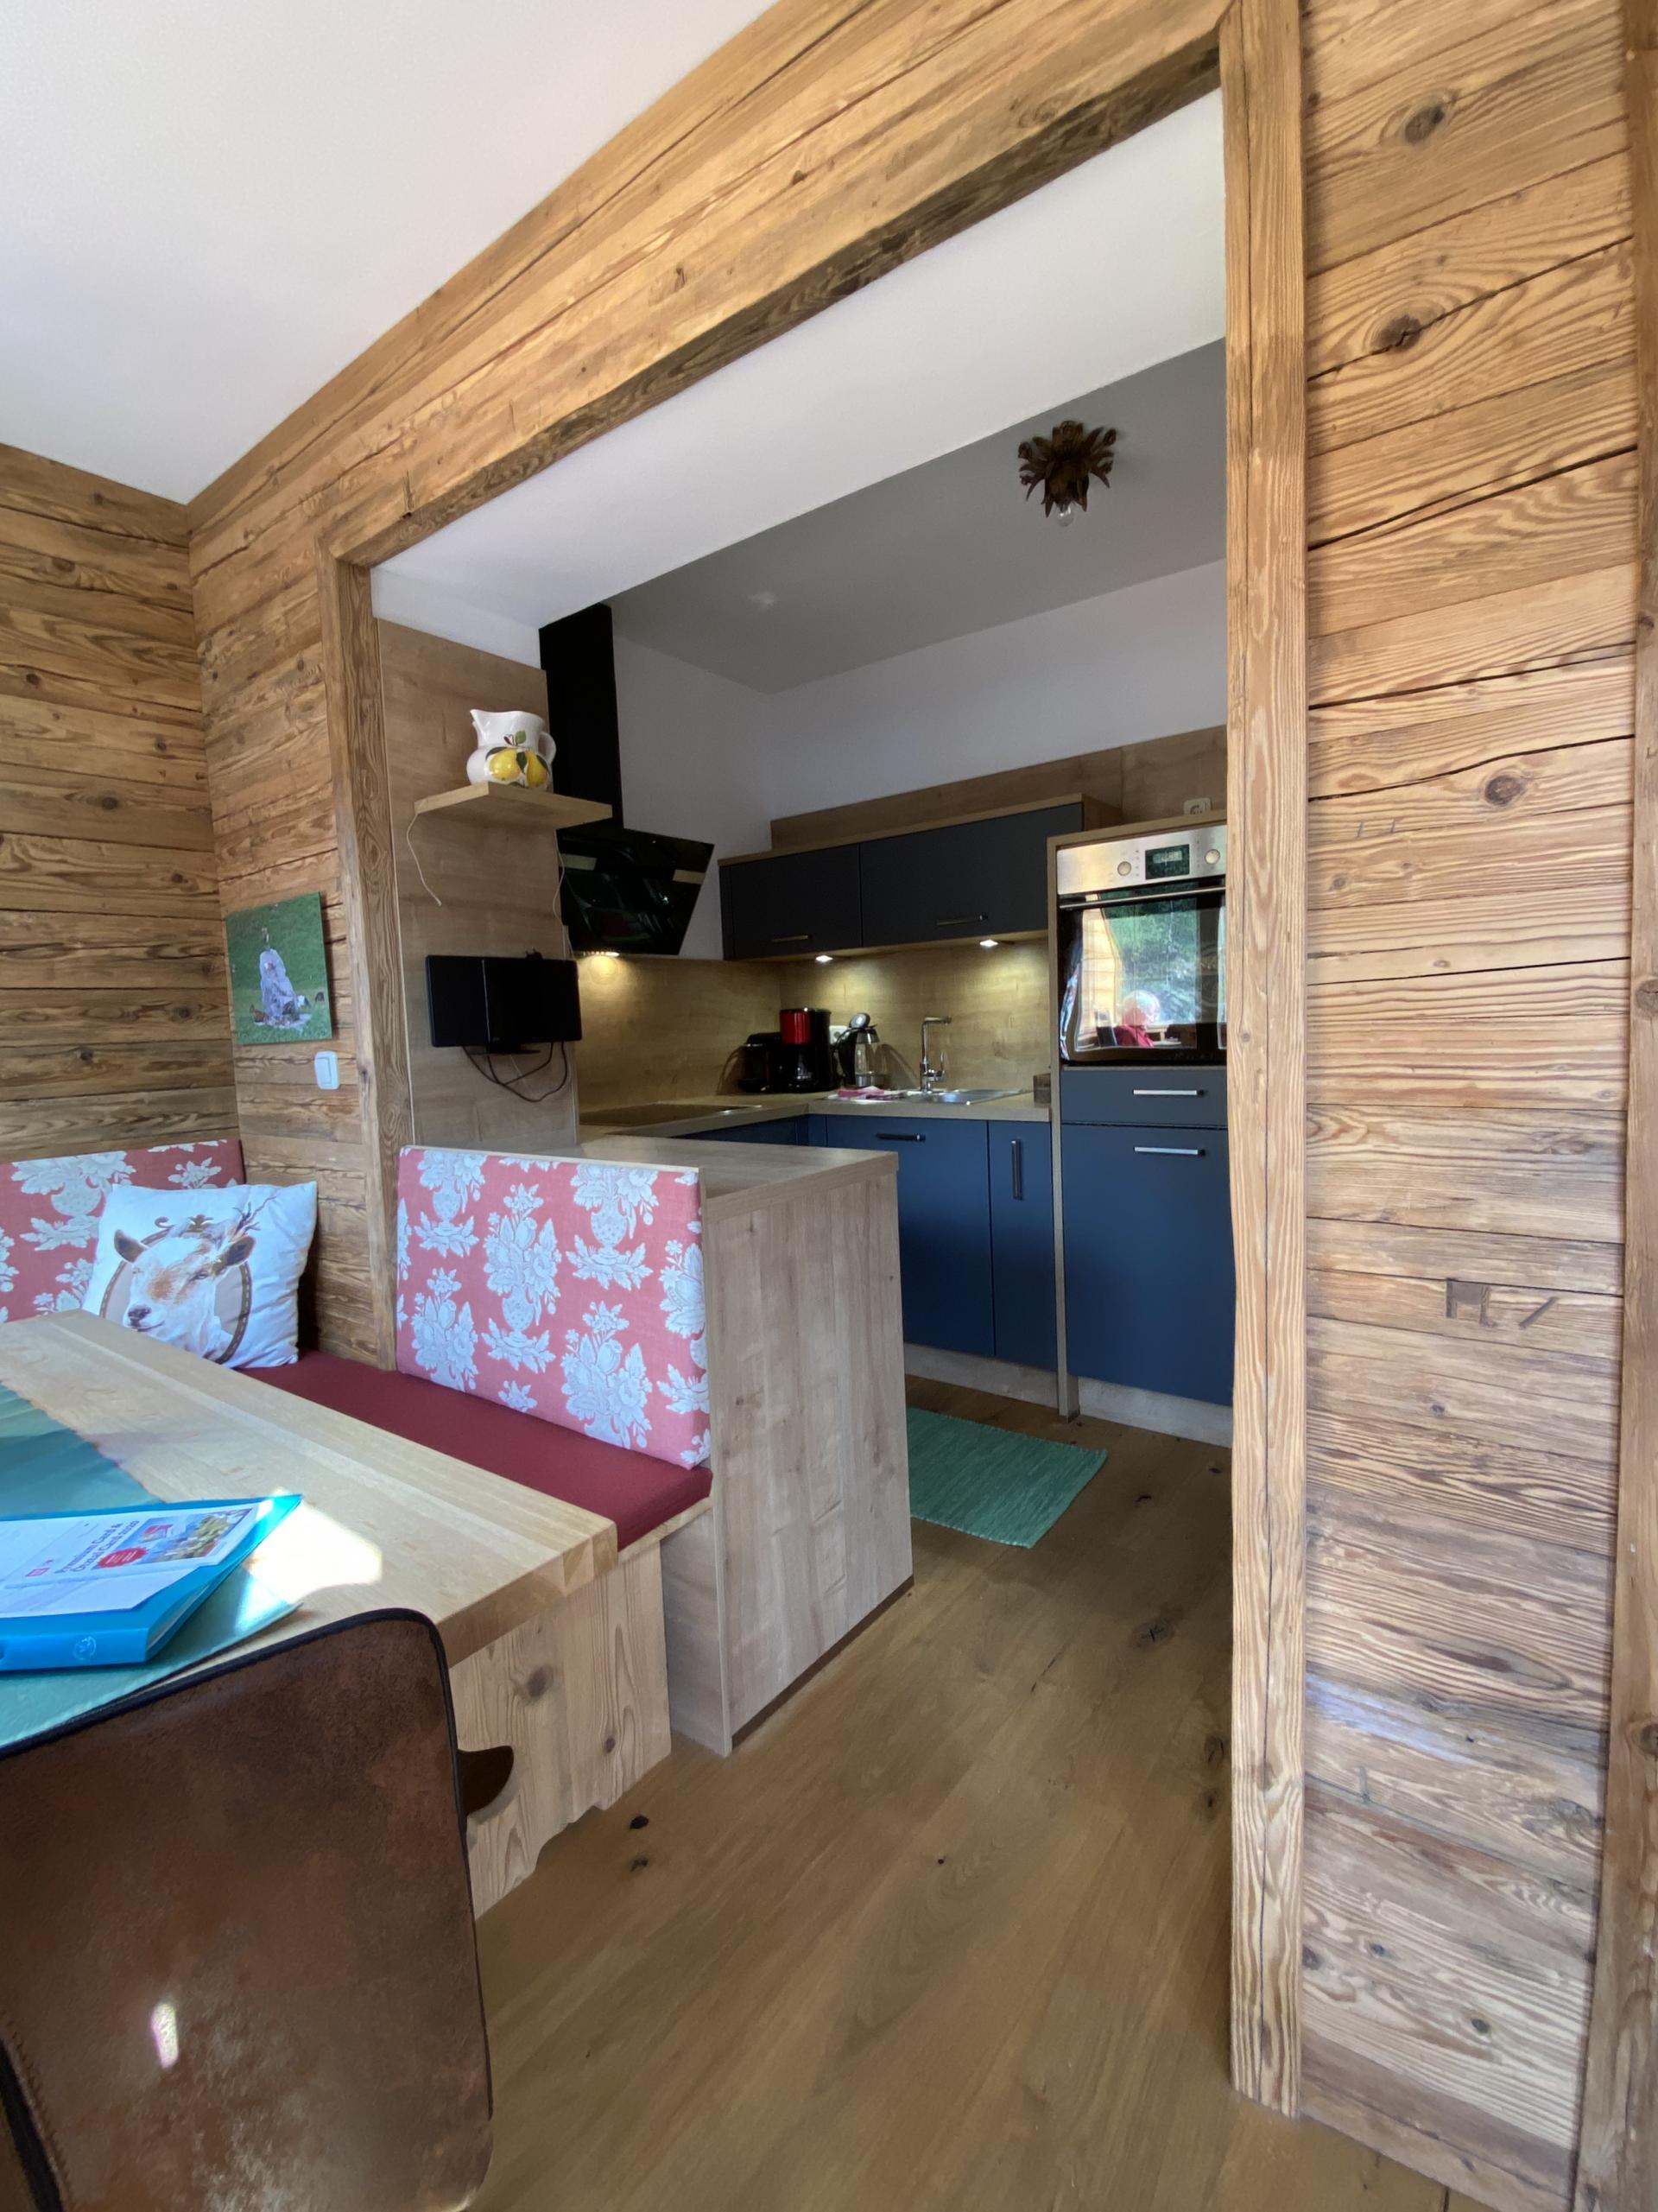 HAUS ERIKA apartments #Wohneinheiten#Bildergalerie#Sitemap#Sommer#Winter